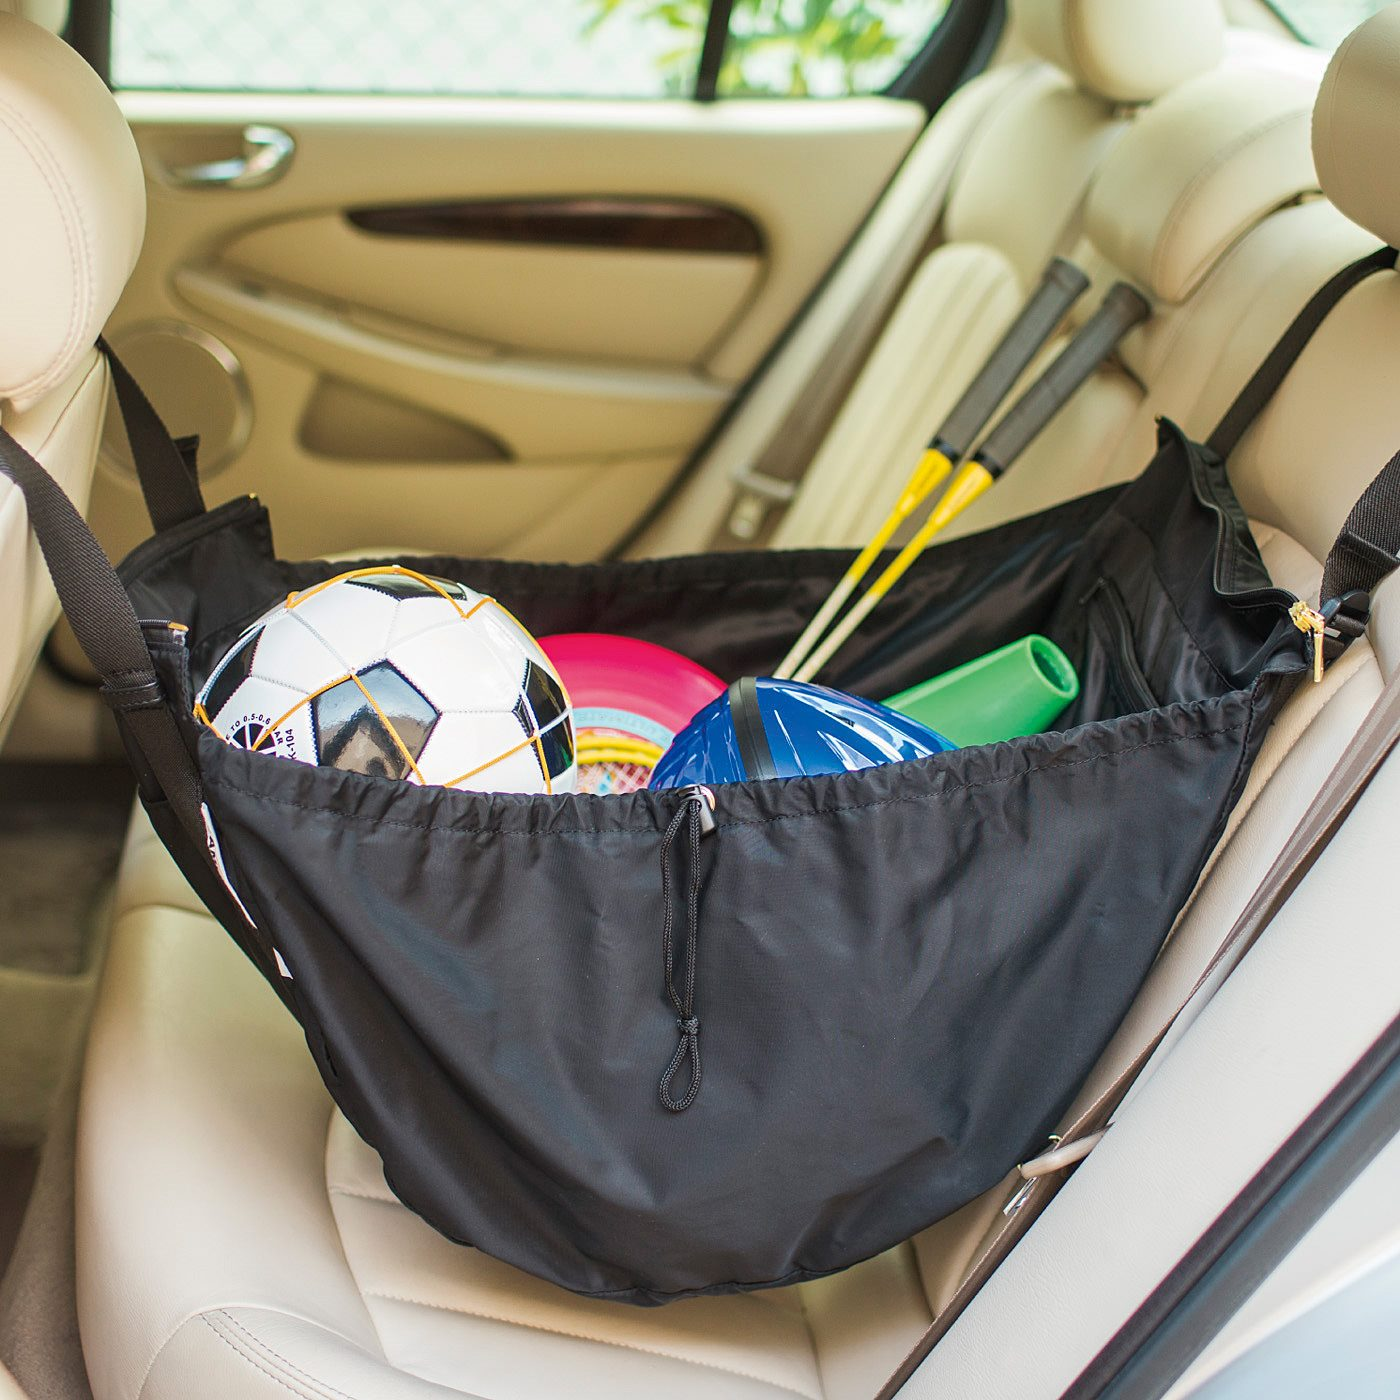 ハンモック掛けでたっぷりの荷物もおまかせ。車の中のレジャー道具などをガサッとひとまとめに。